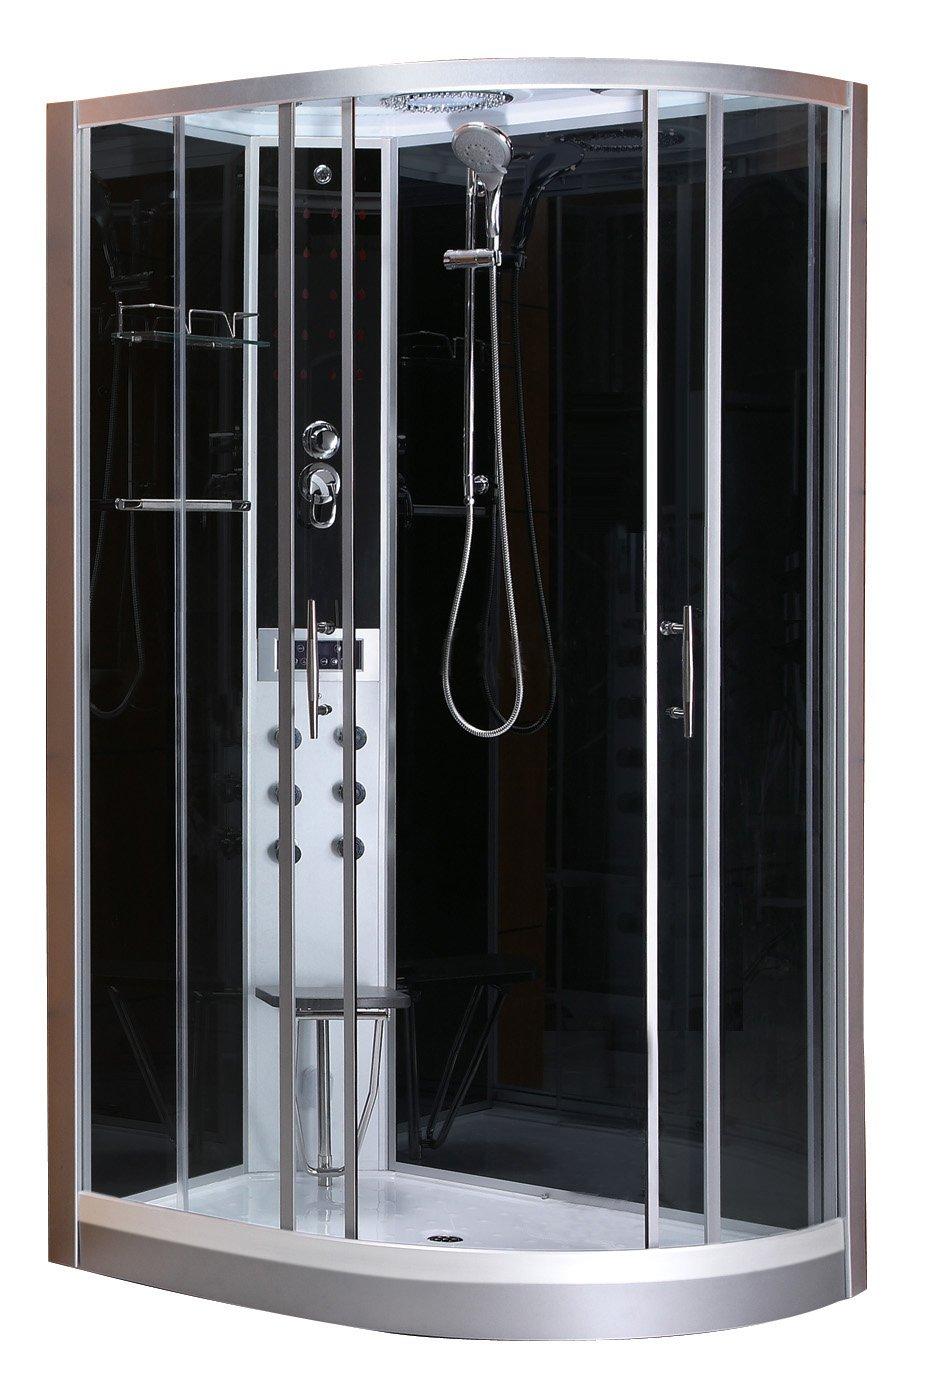 Cabina de ducha (Izquierda) Vario Completo de montaje rápido/80x 120x 215/130kg